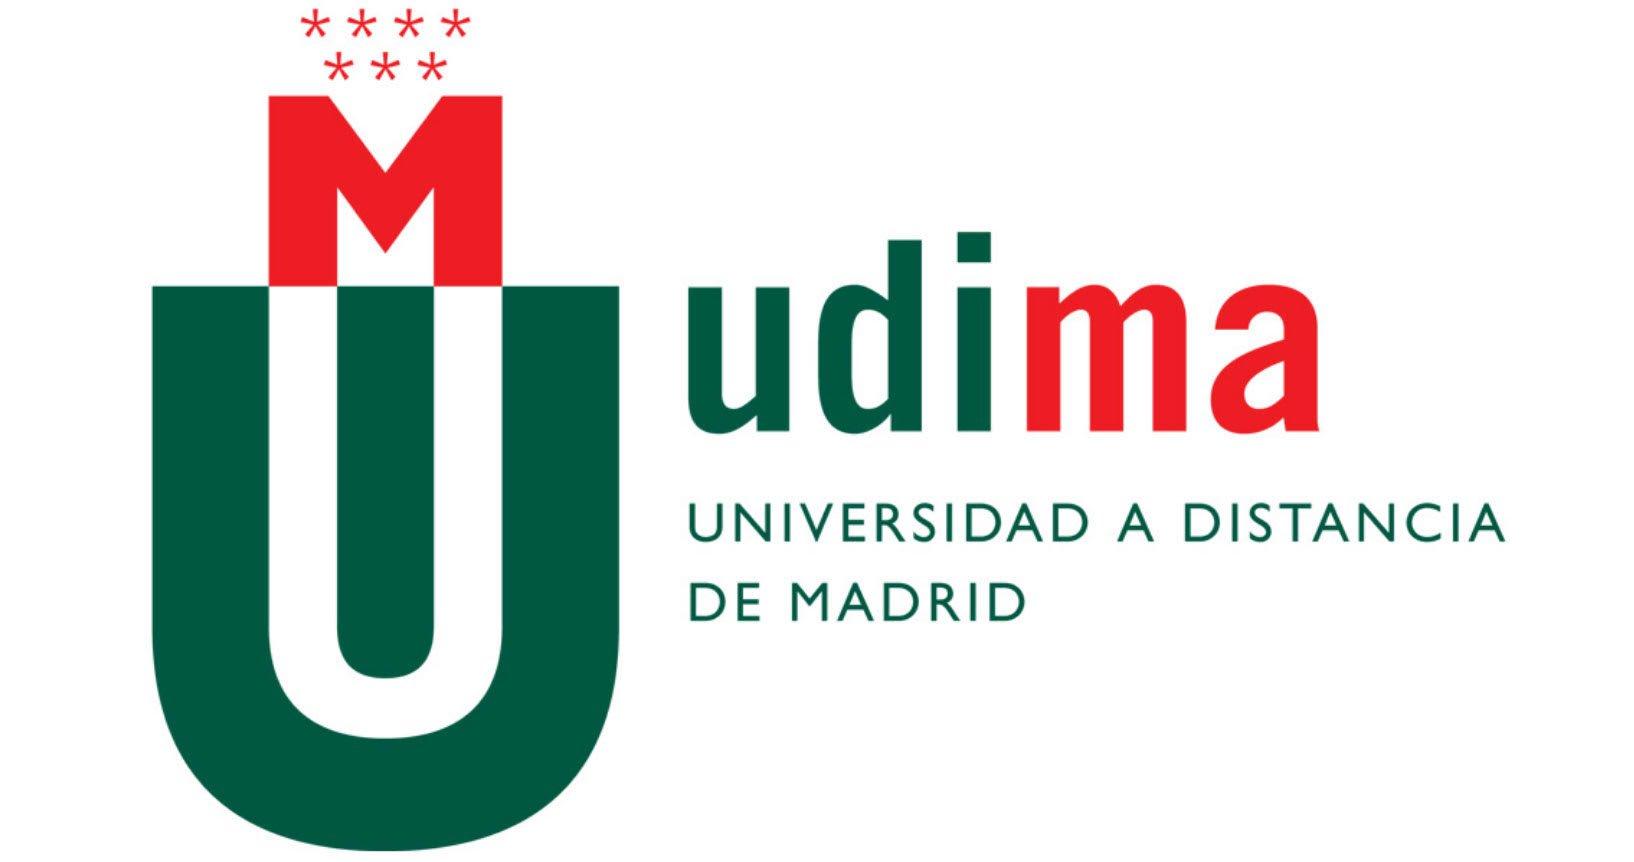 UDIMA universidad a distancia de Madrid